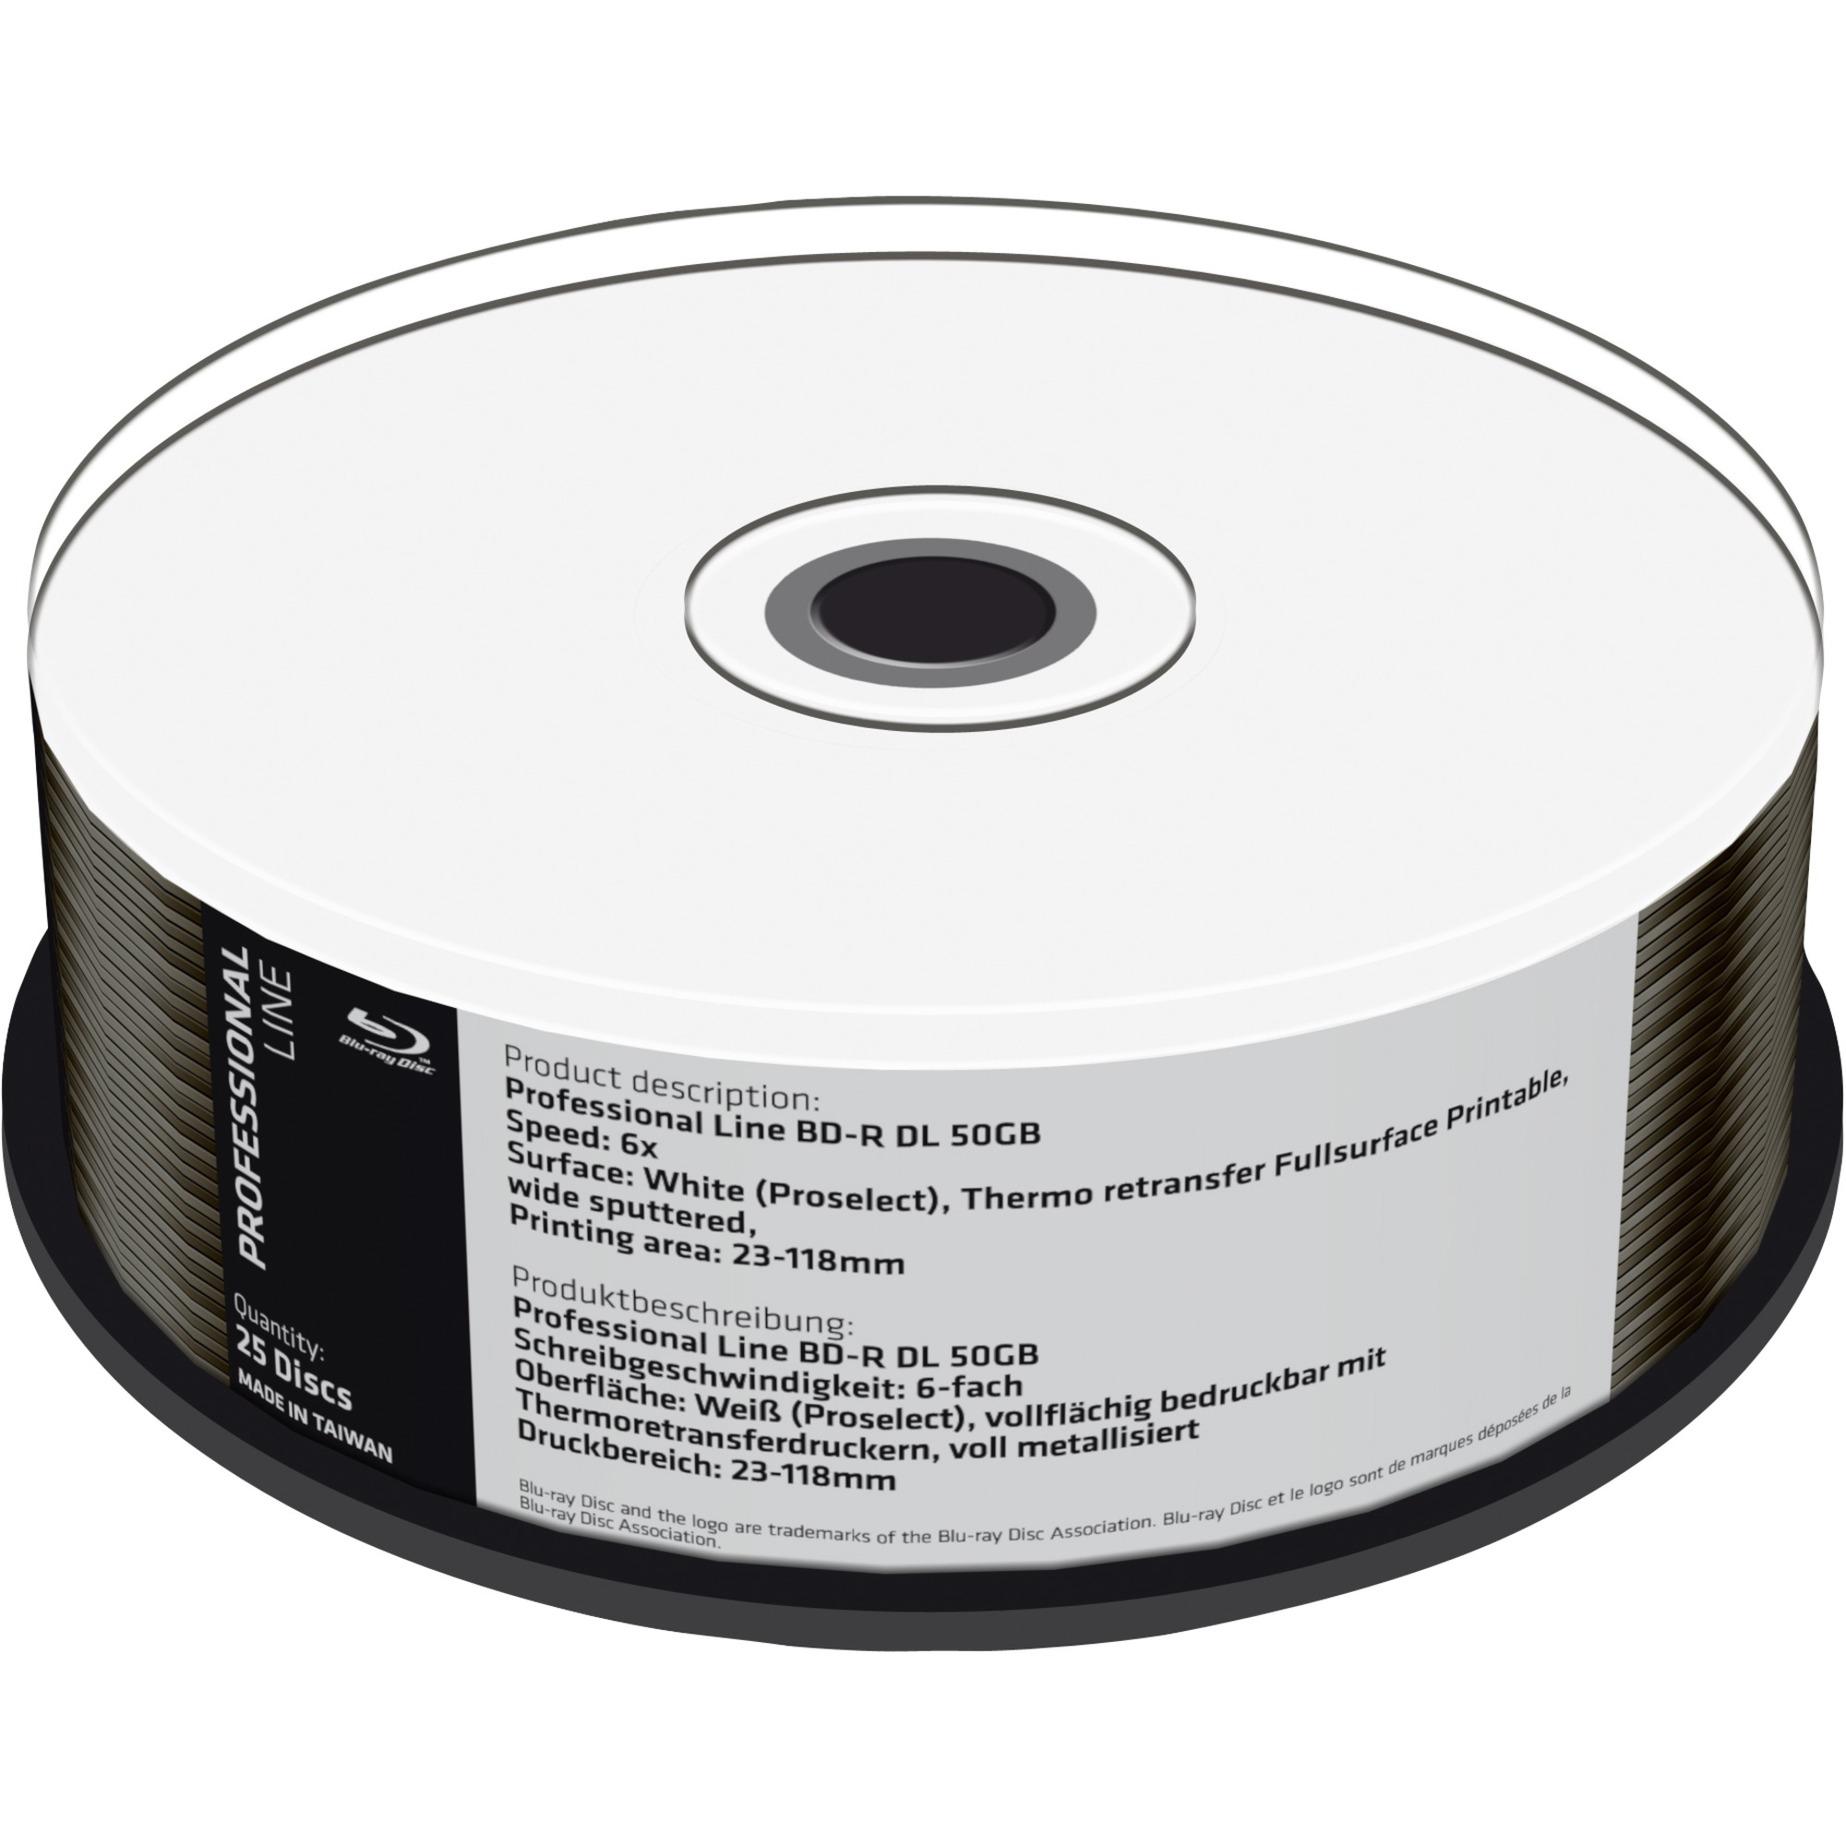 50GB, BD-R DL, 25 pack 25 pieza(s), Discos Blu-ray vírgenes